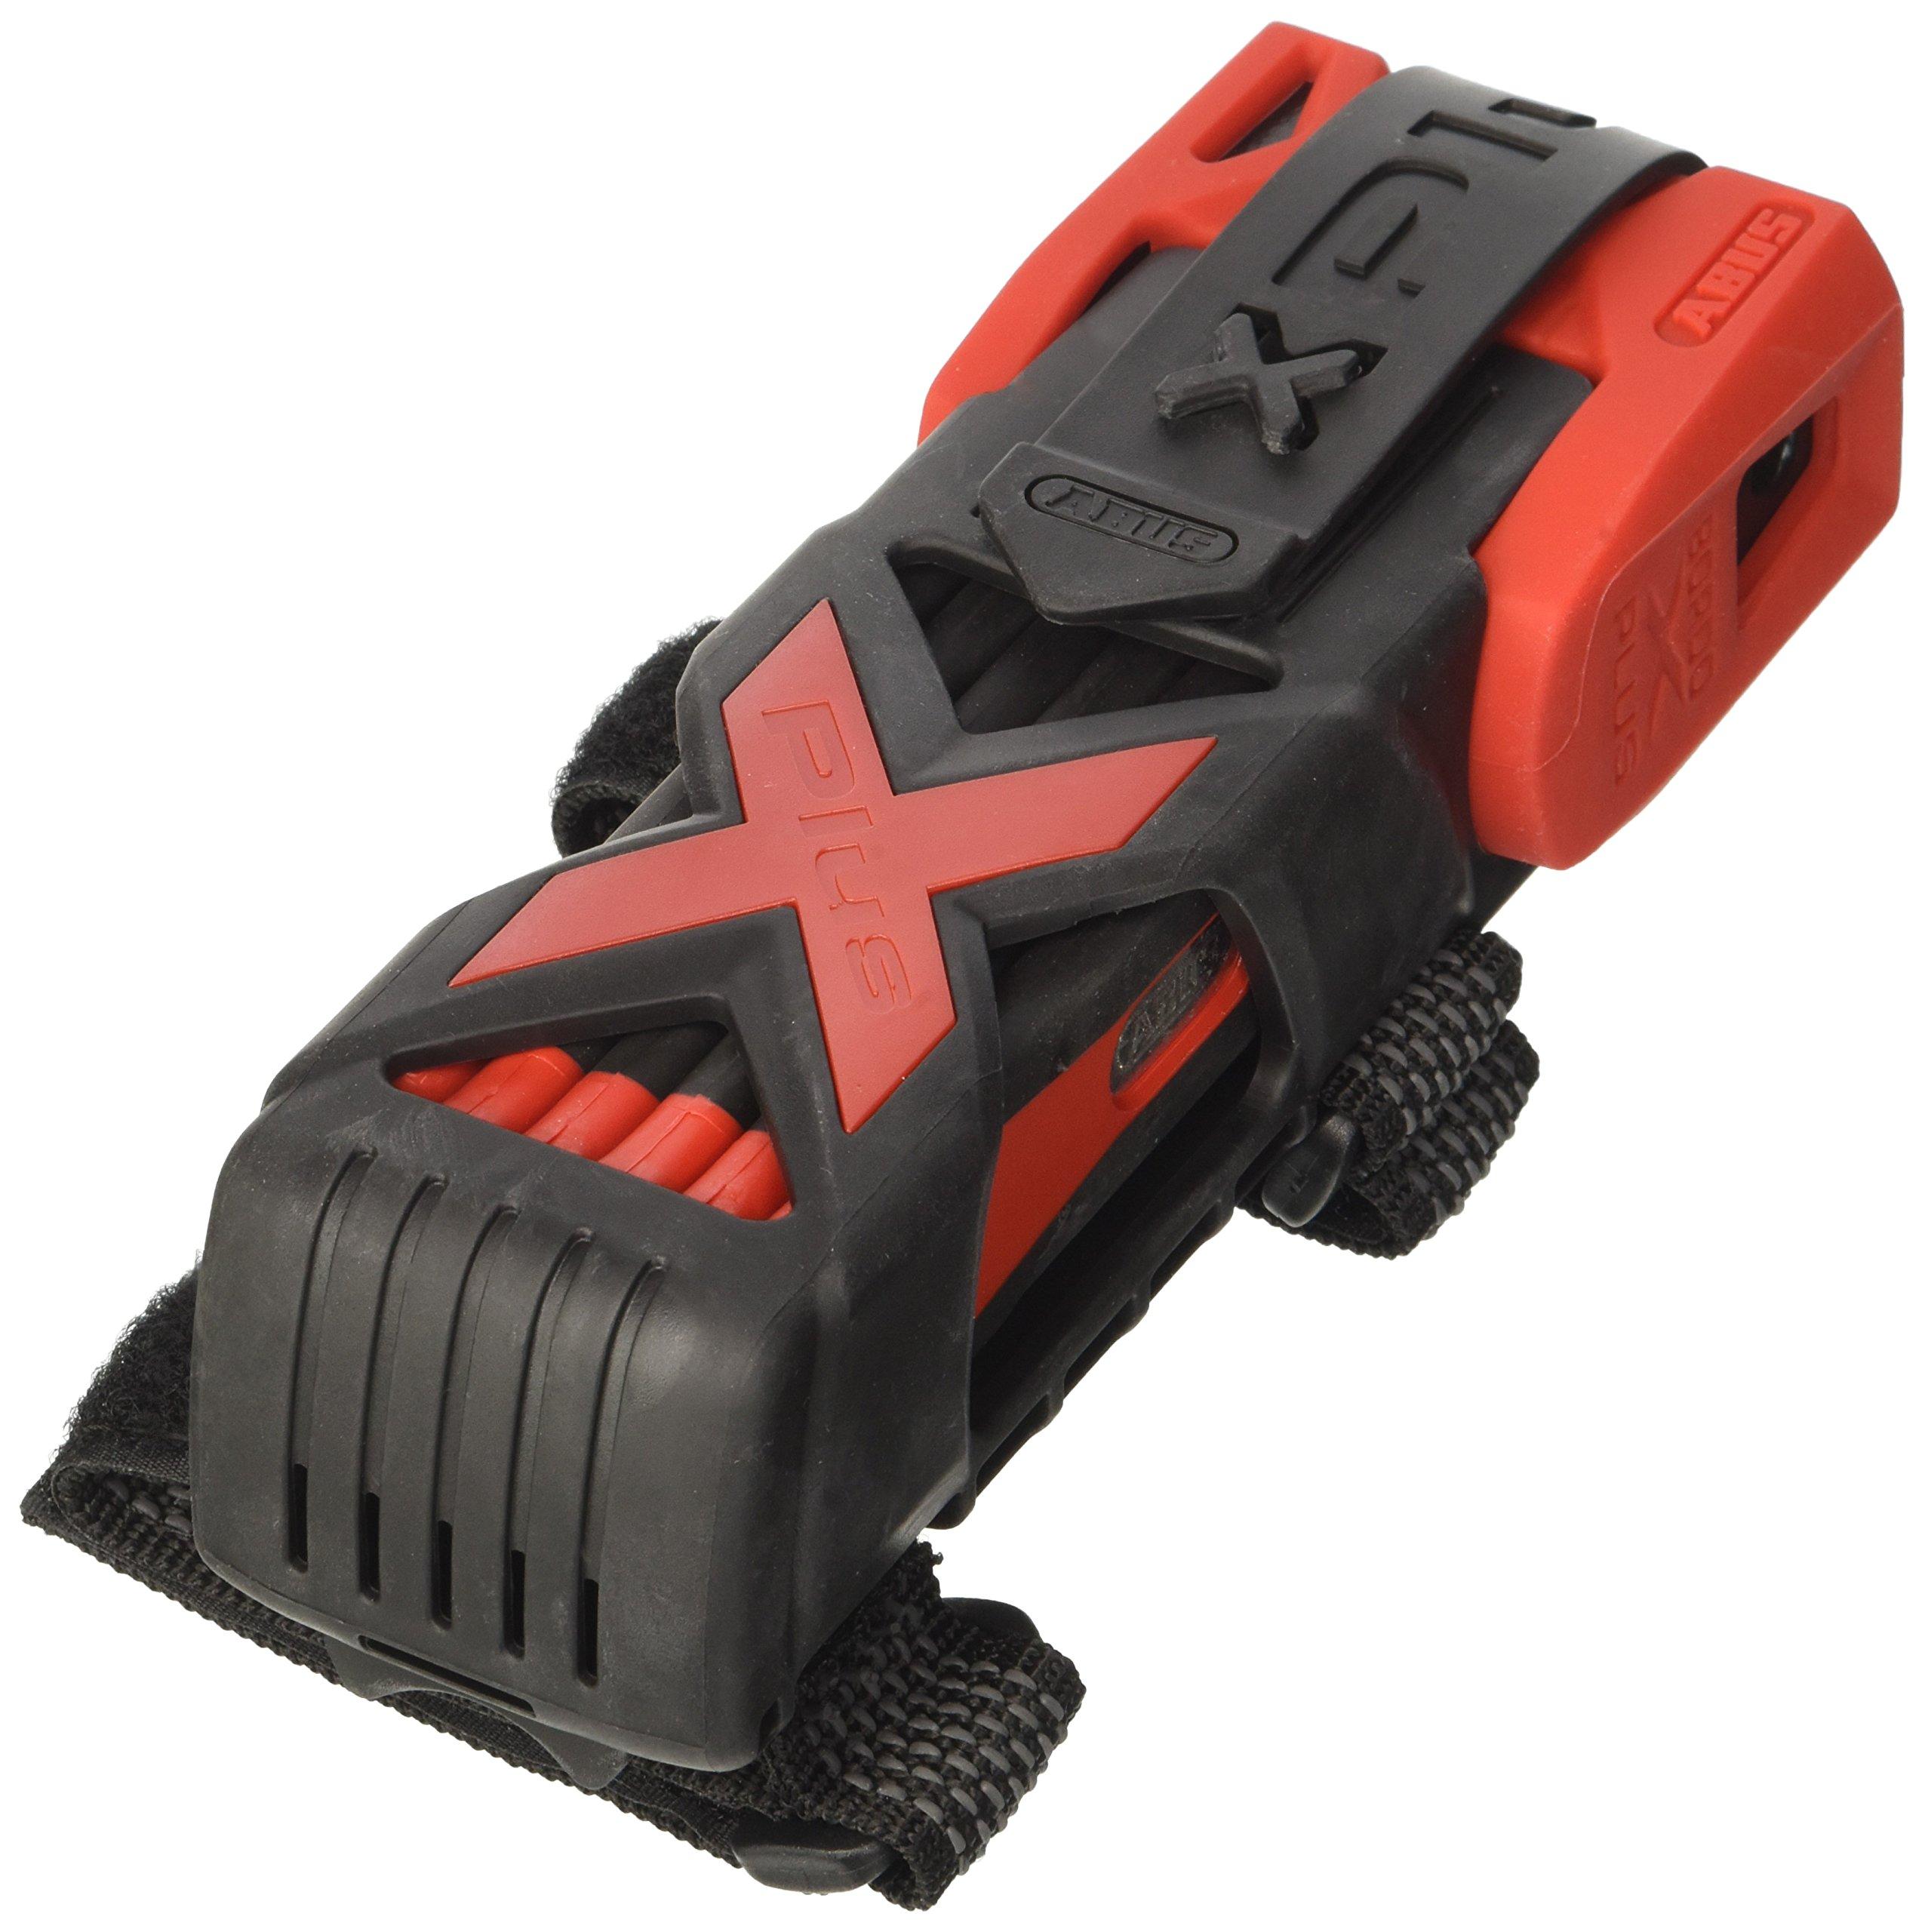 Abus Bordo GRANIT X Plus 6500/85cm (33.46 in) red - Folding lock, Bike lock, Security level 15